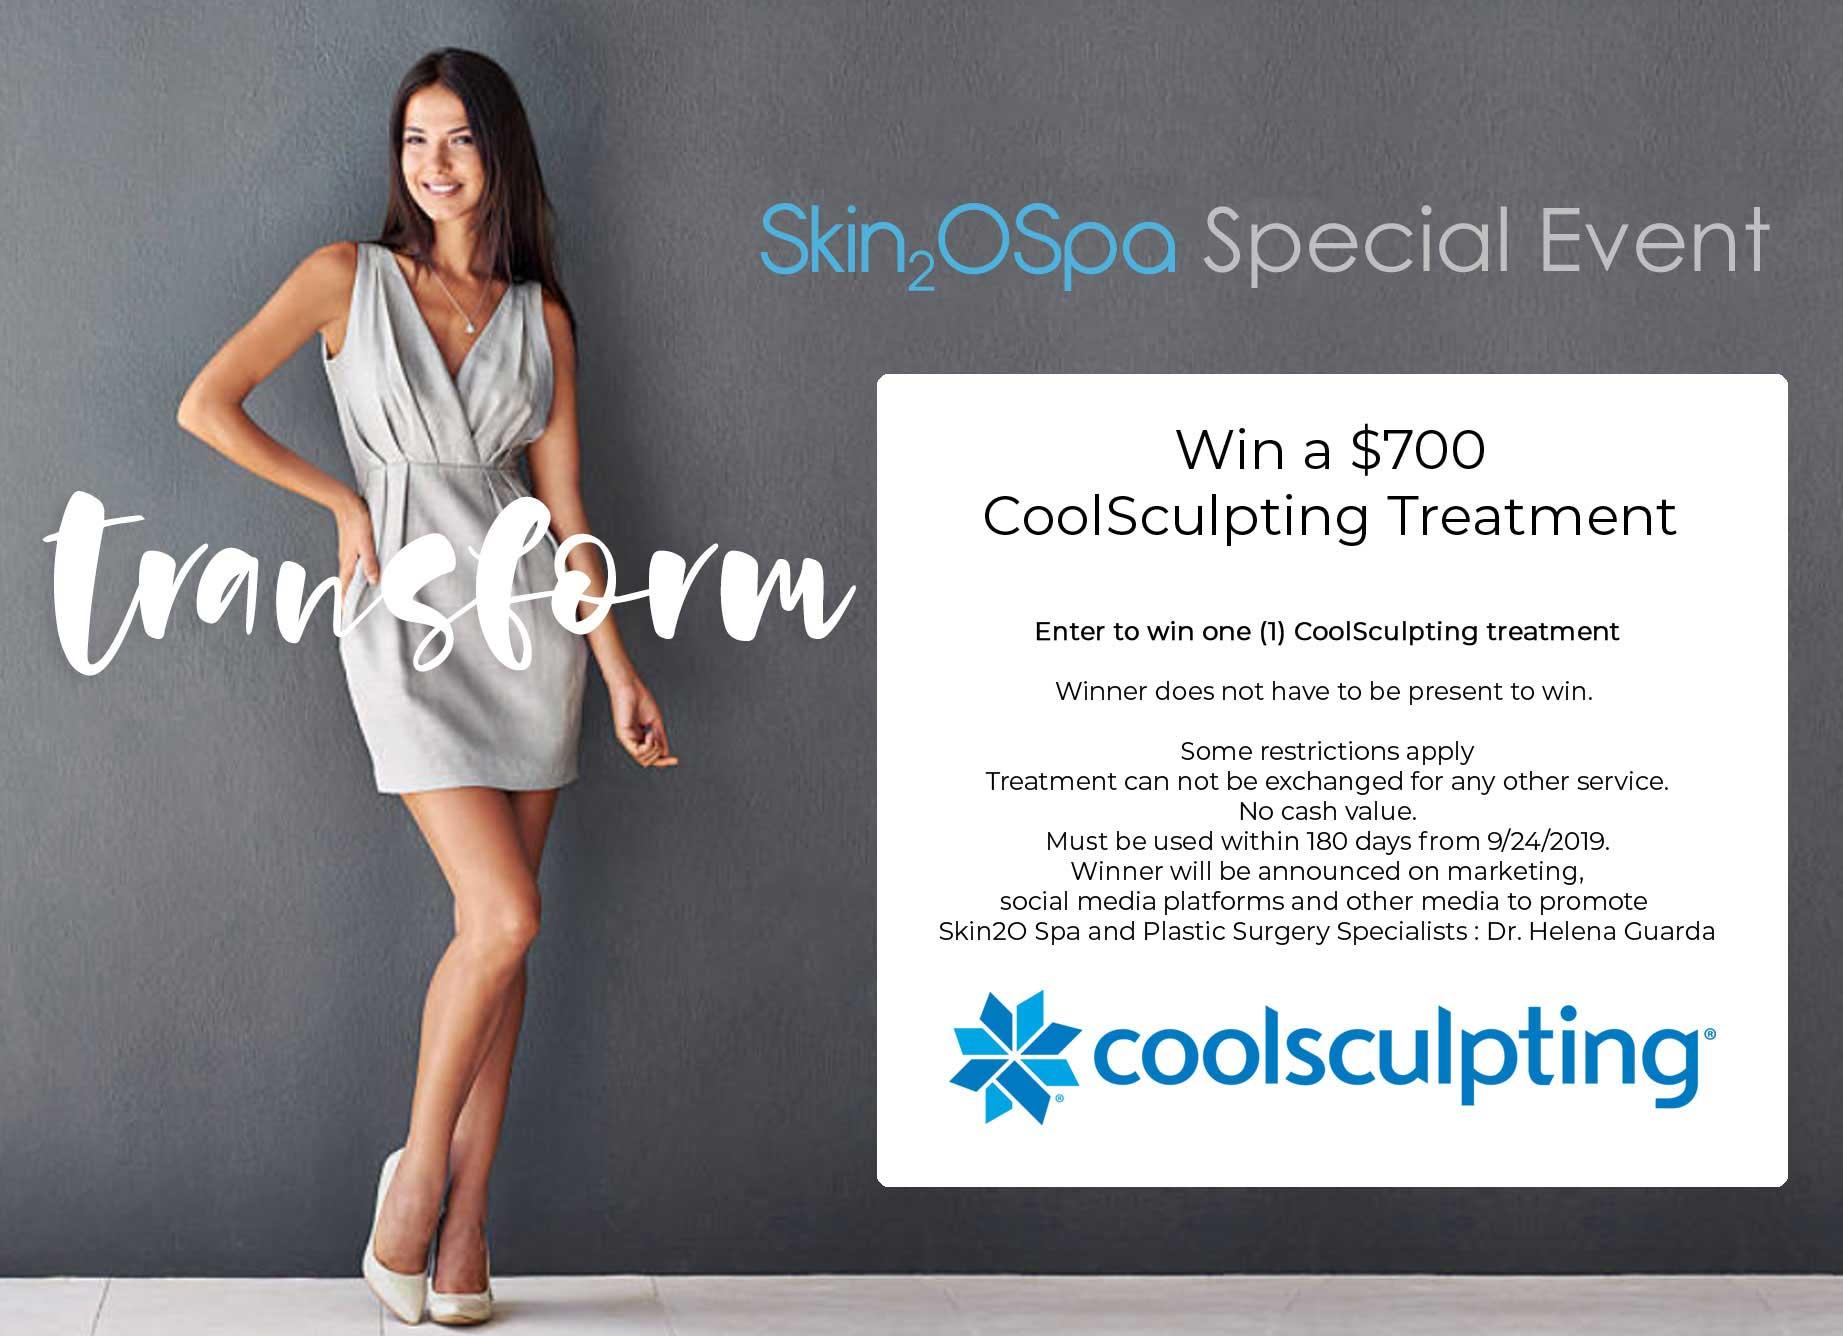 Win CoolSculpting